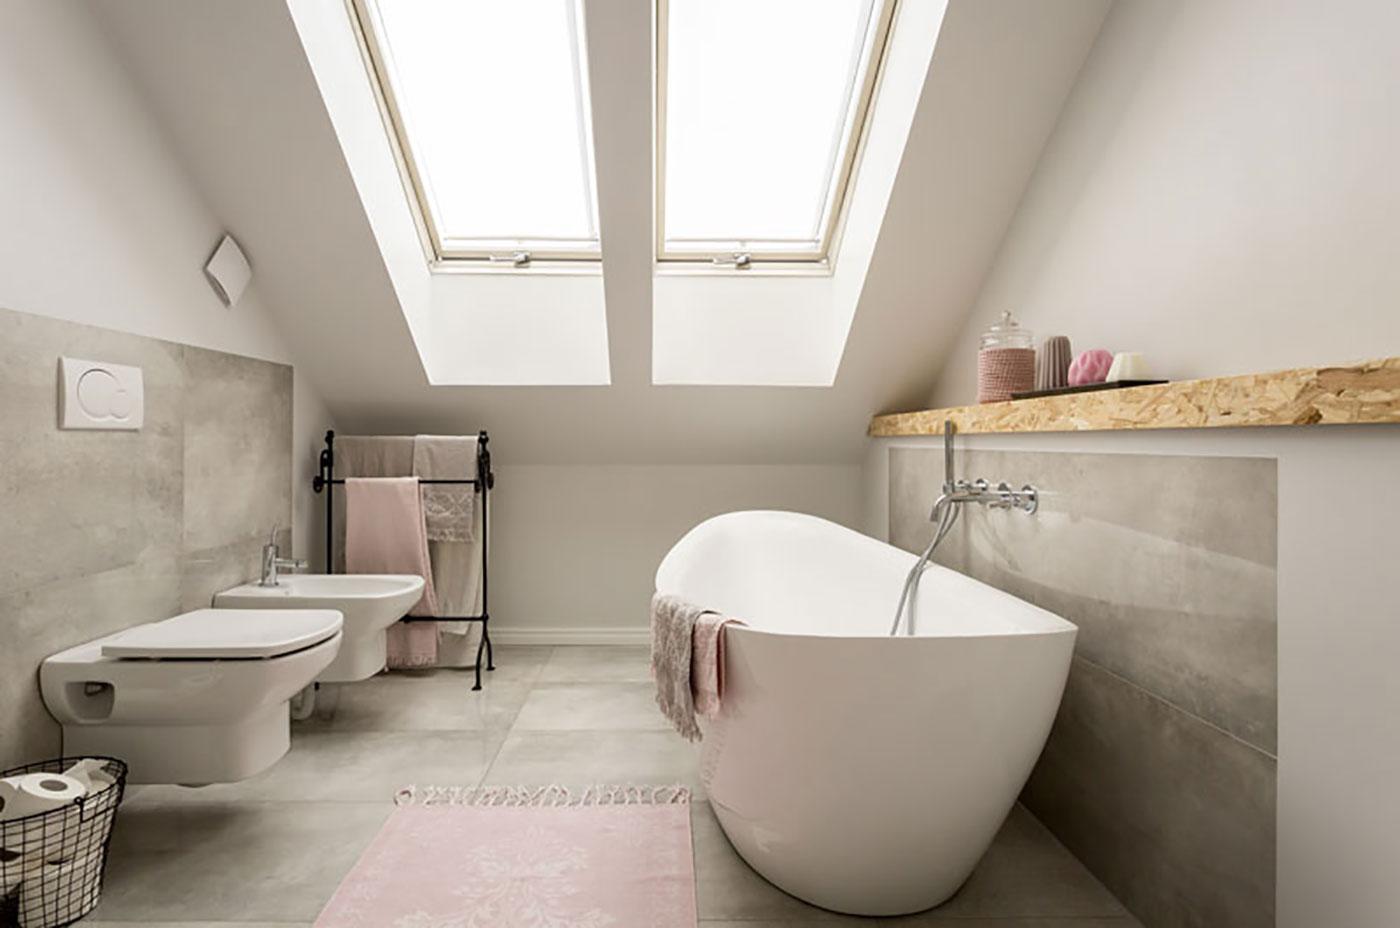 Onlineshop für Badezimmerbedarf und Ausstattung